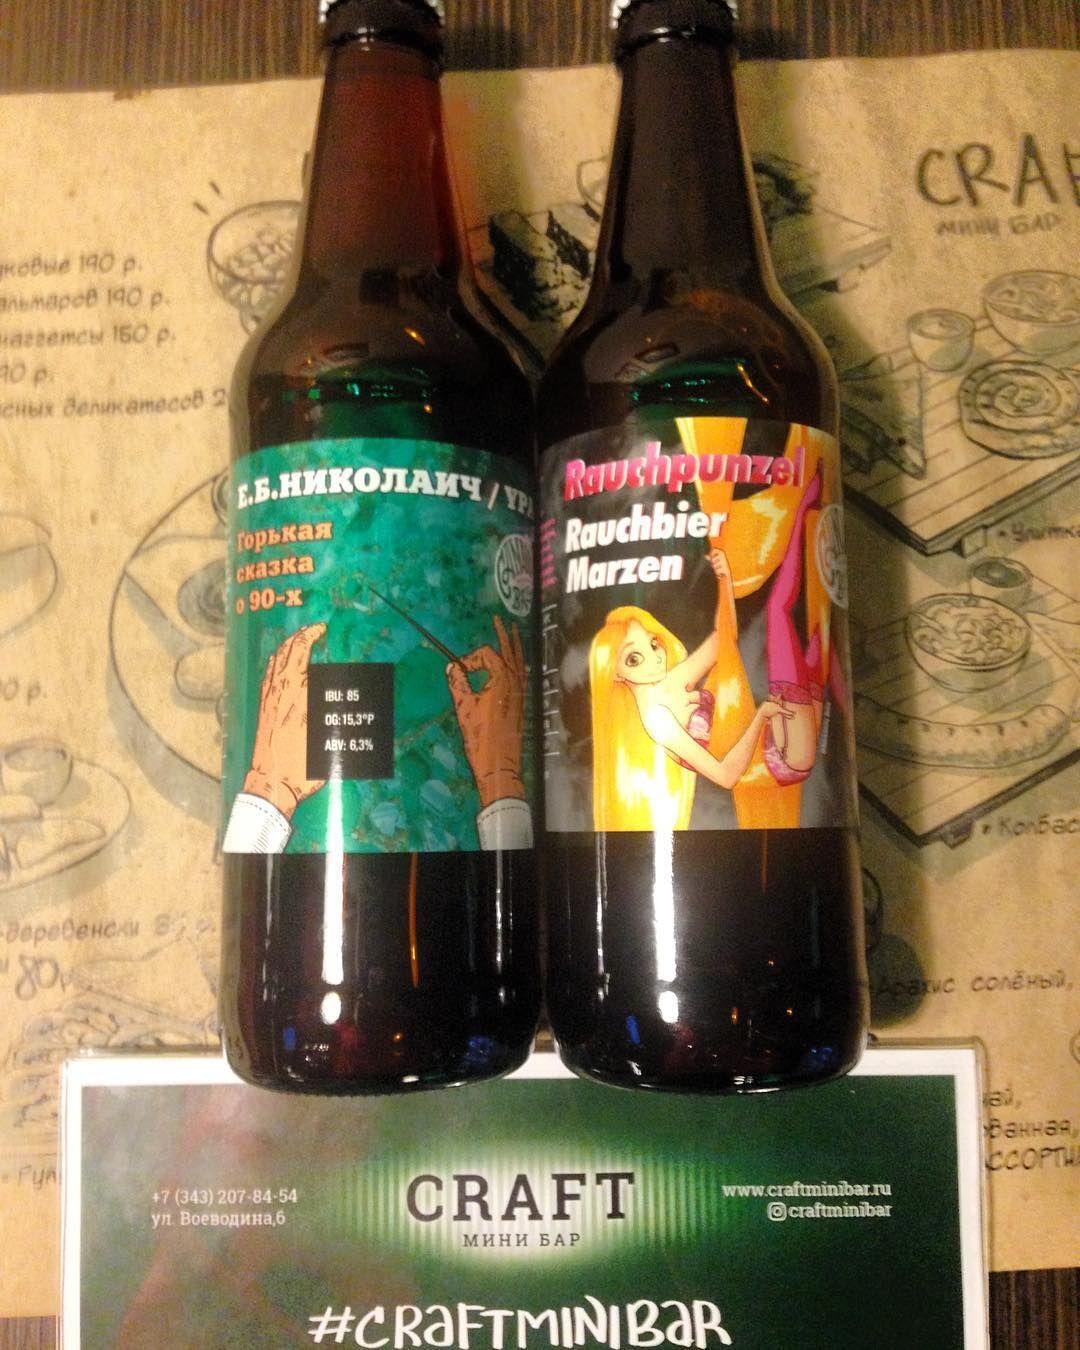 Novinki V Bare Priehali Novinki Ot Pivovarni Iz Ekaterinburga Craftbrewery Pod Nazvaniem Cannonballbrewery Itak Vstrechaem 1 Kopche Beer Bottle Beer Bottle